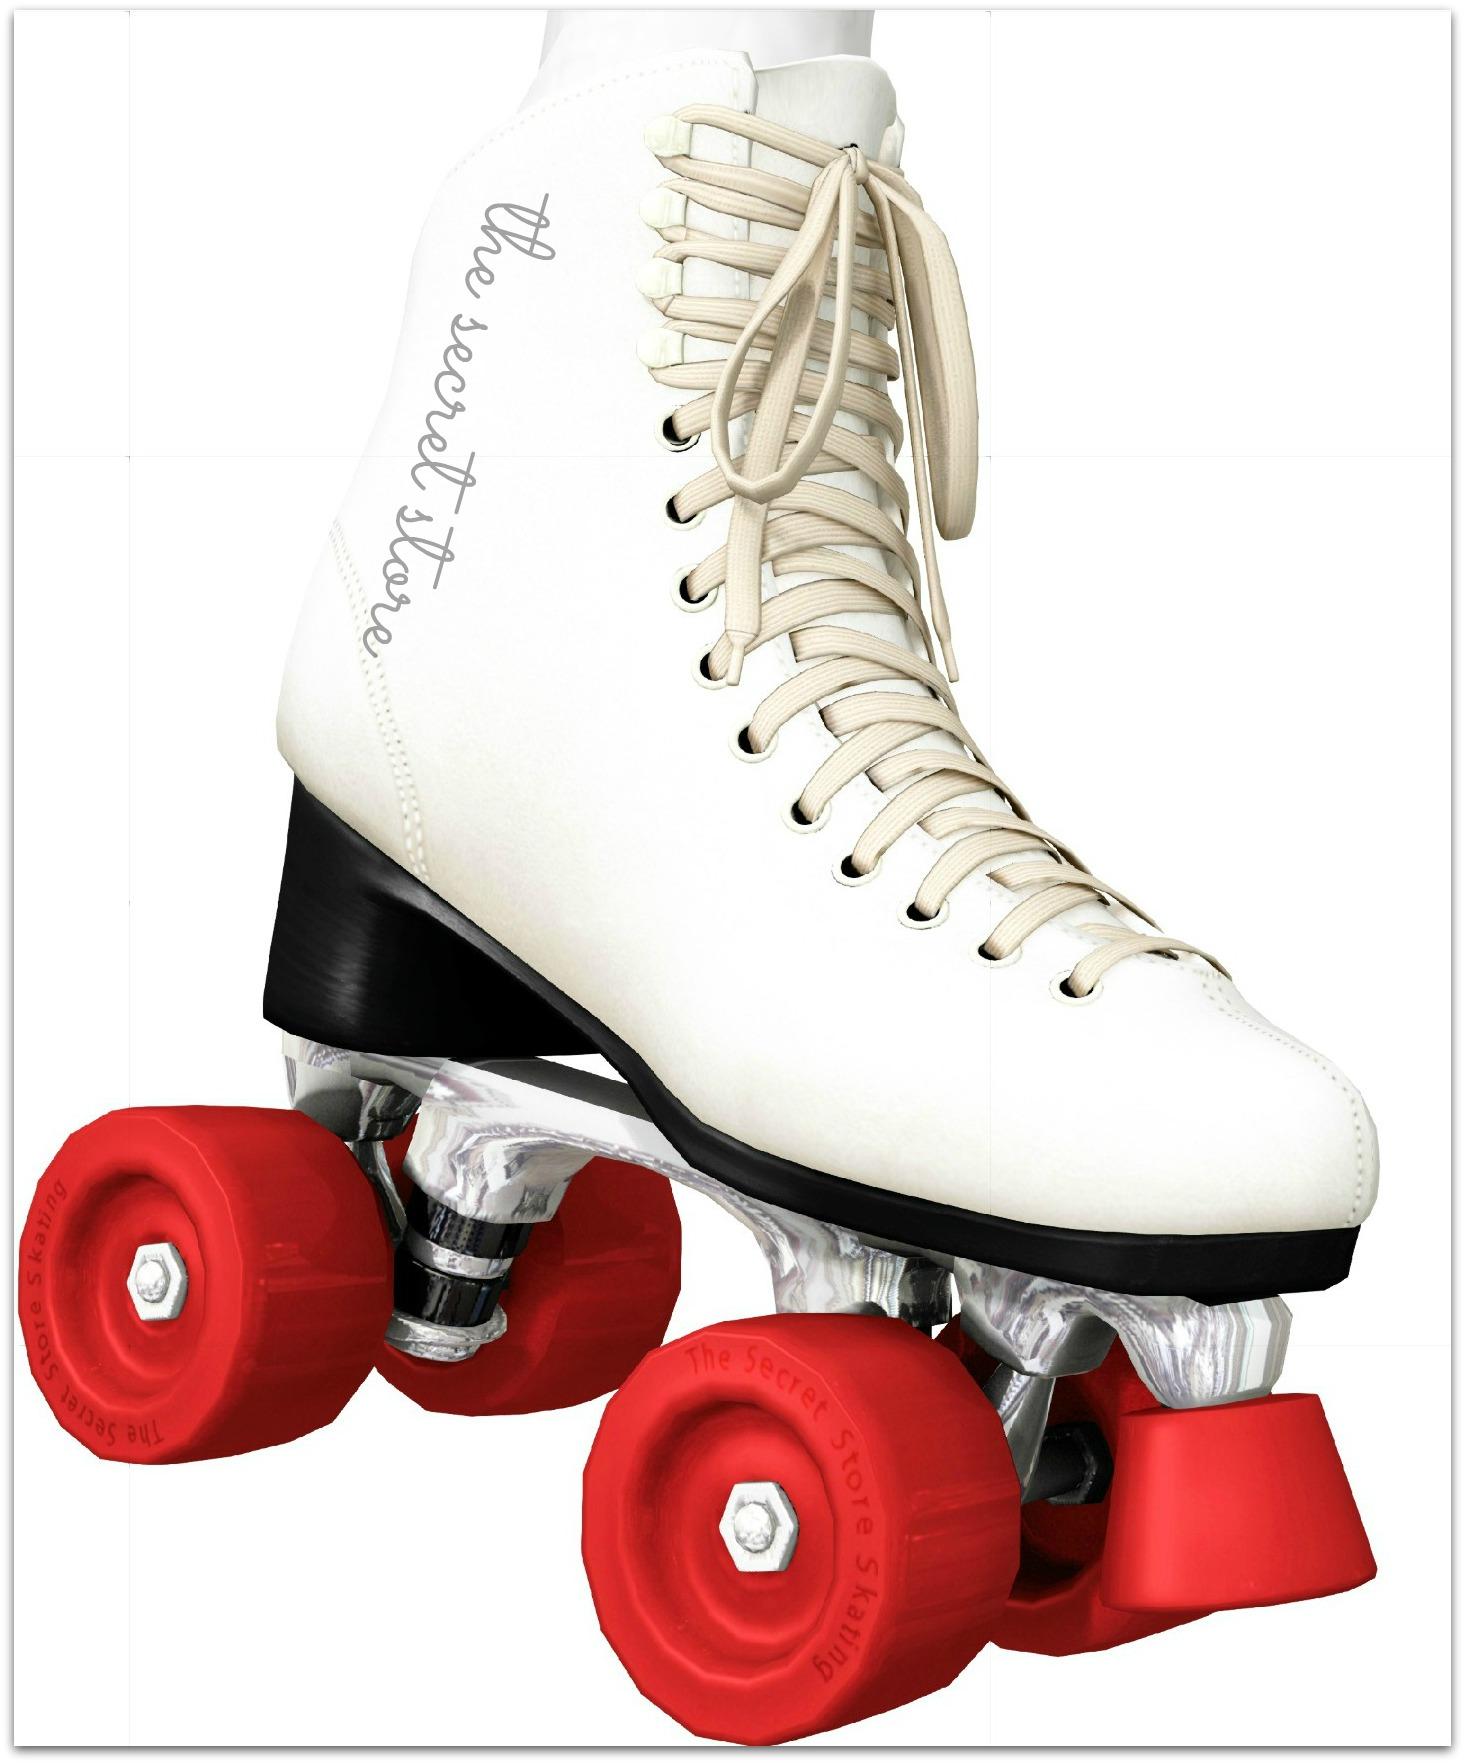 Roller skates vintage - The Secret Store The Arcade